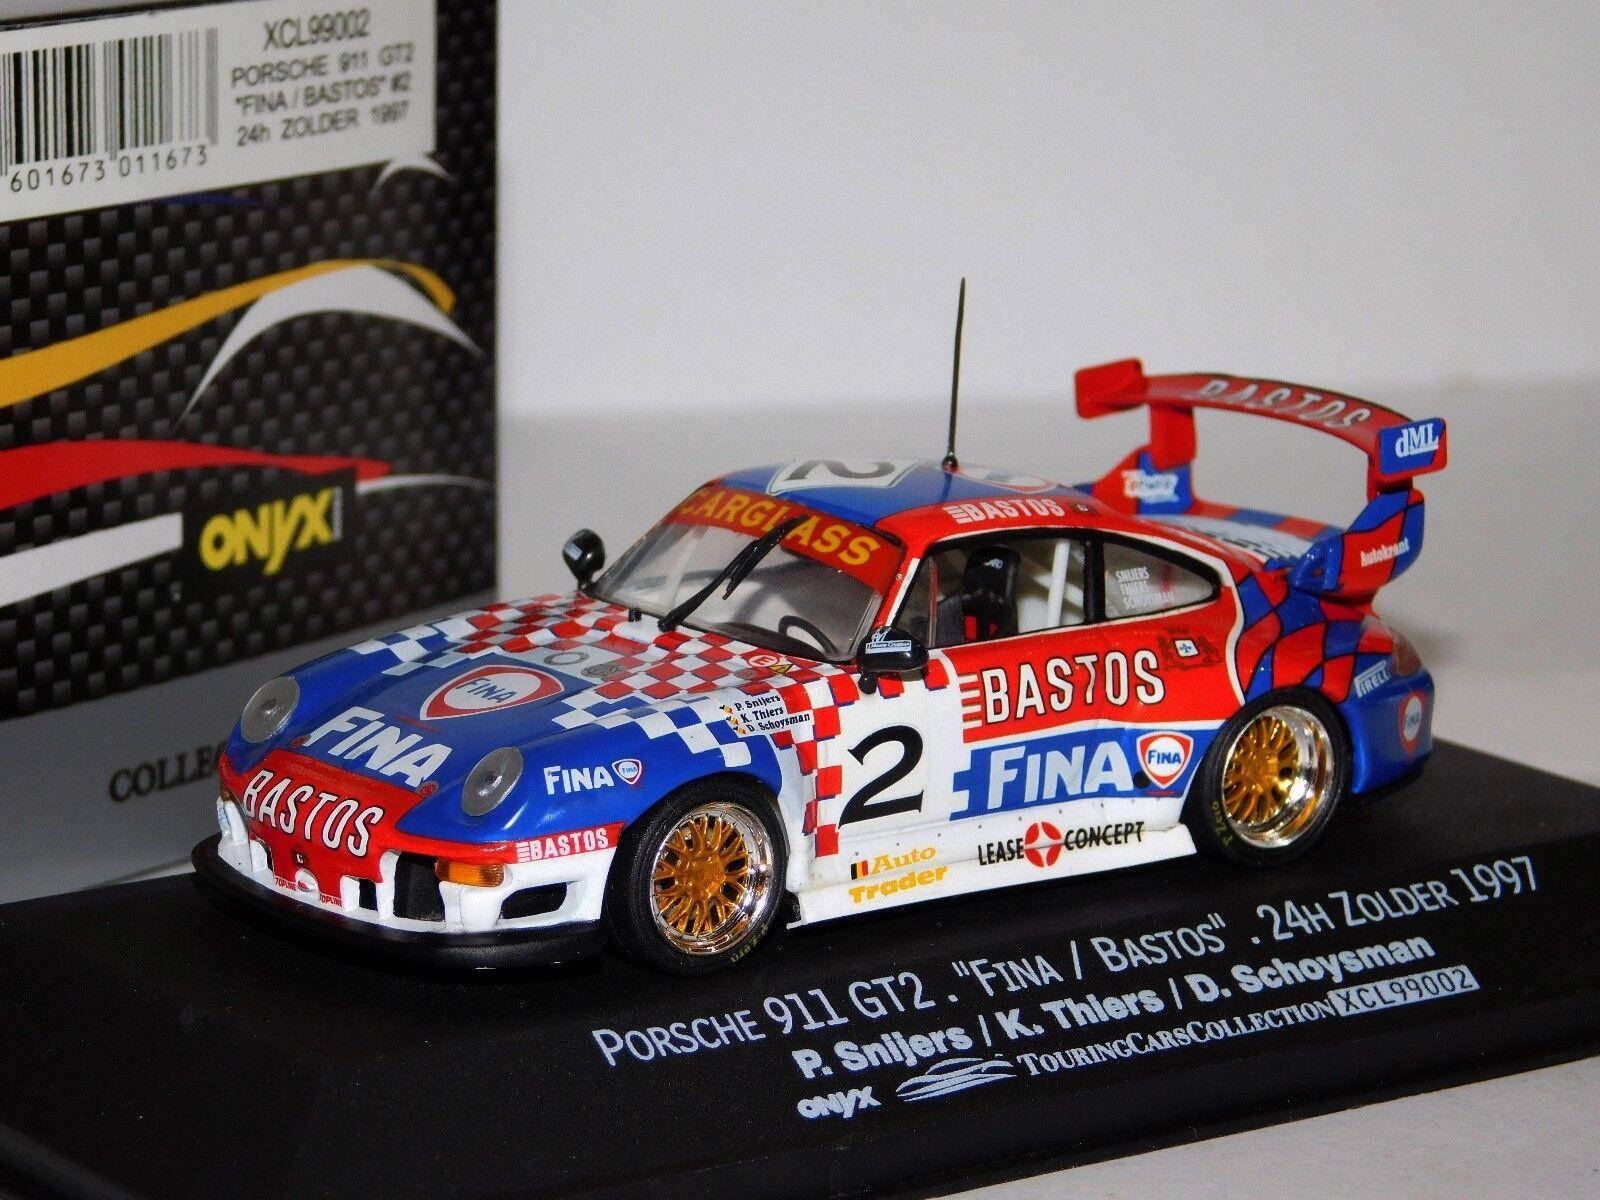 PORSCHE 911 GT2 FINA ZOLDER ZOLDER ZOLDER 1997 SNIJERS ONYX XCL99002 1 43 536b5f